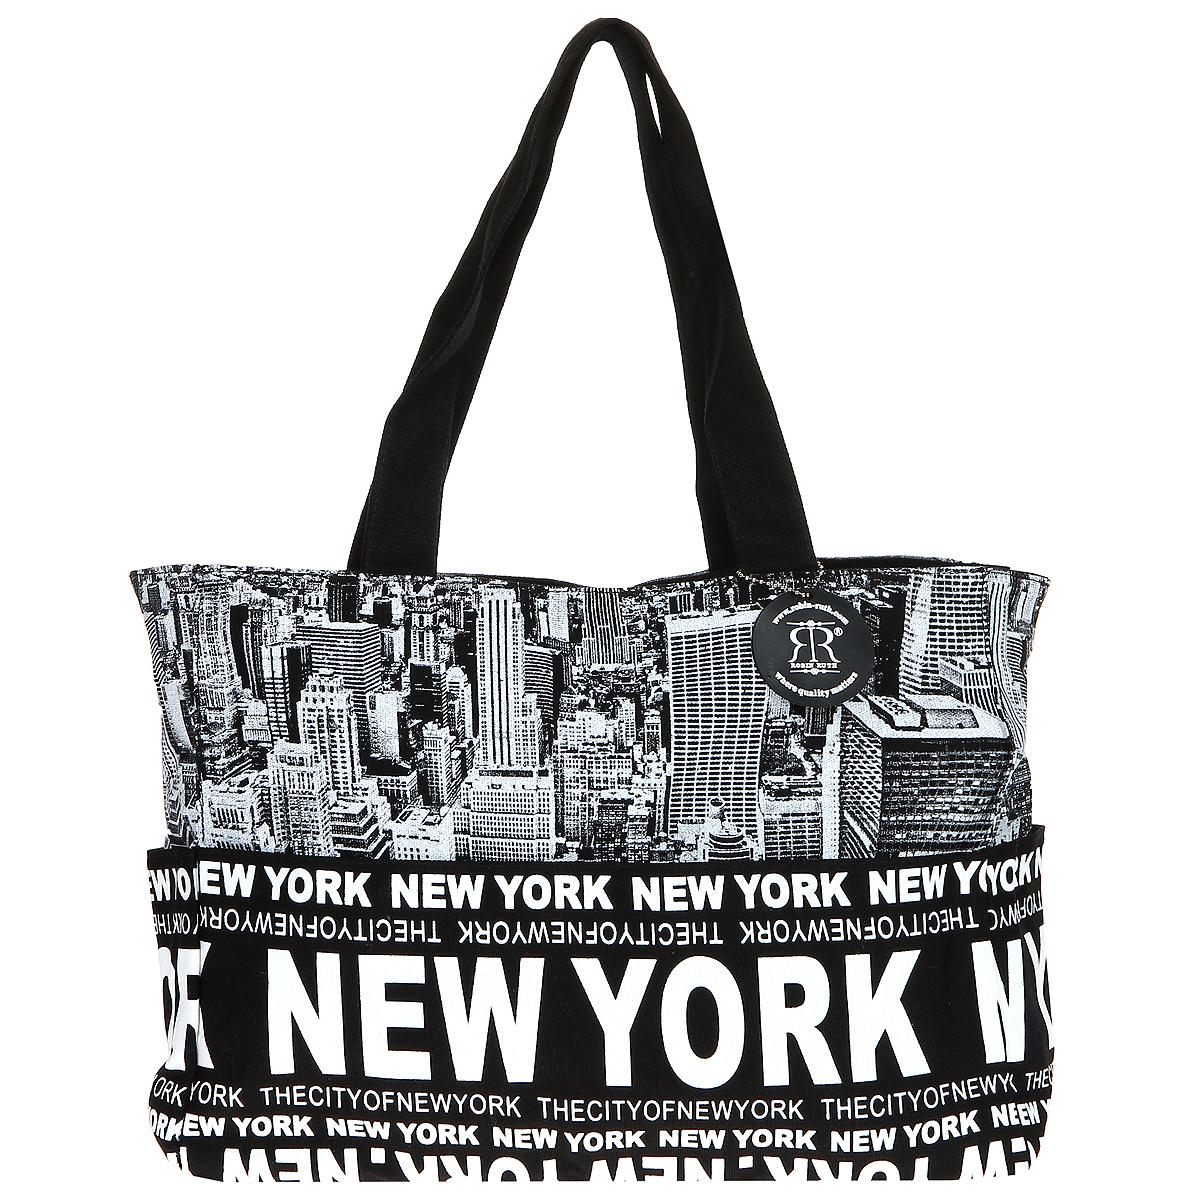 Сумка женская Robin Ruth New York, цвет: черный, белый. BNY014-YBNY014-YСтильная женская сумка выполнена из канвы черного, белого цветов и оформлена принтом в виде надписей New York. Сумка состоит из одного основного отделения, которое закрывается на молнию. Внутри вшитый карман на молнии и накладной кармашек для мобильного телефона. Такая сумка идеально дополнит ваш образ.